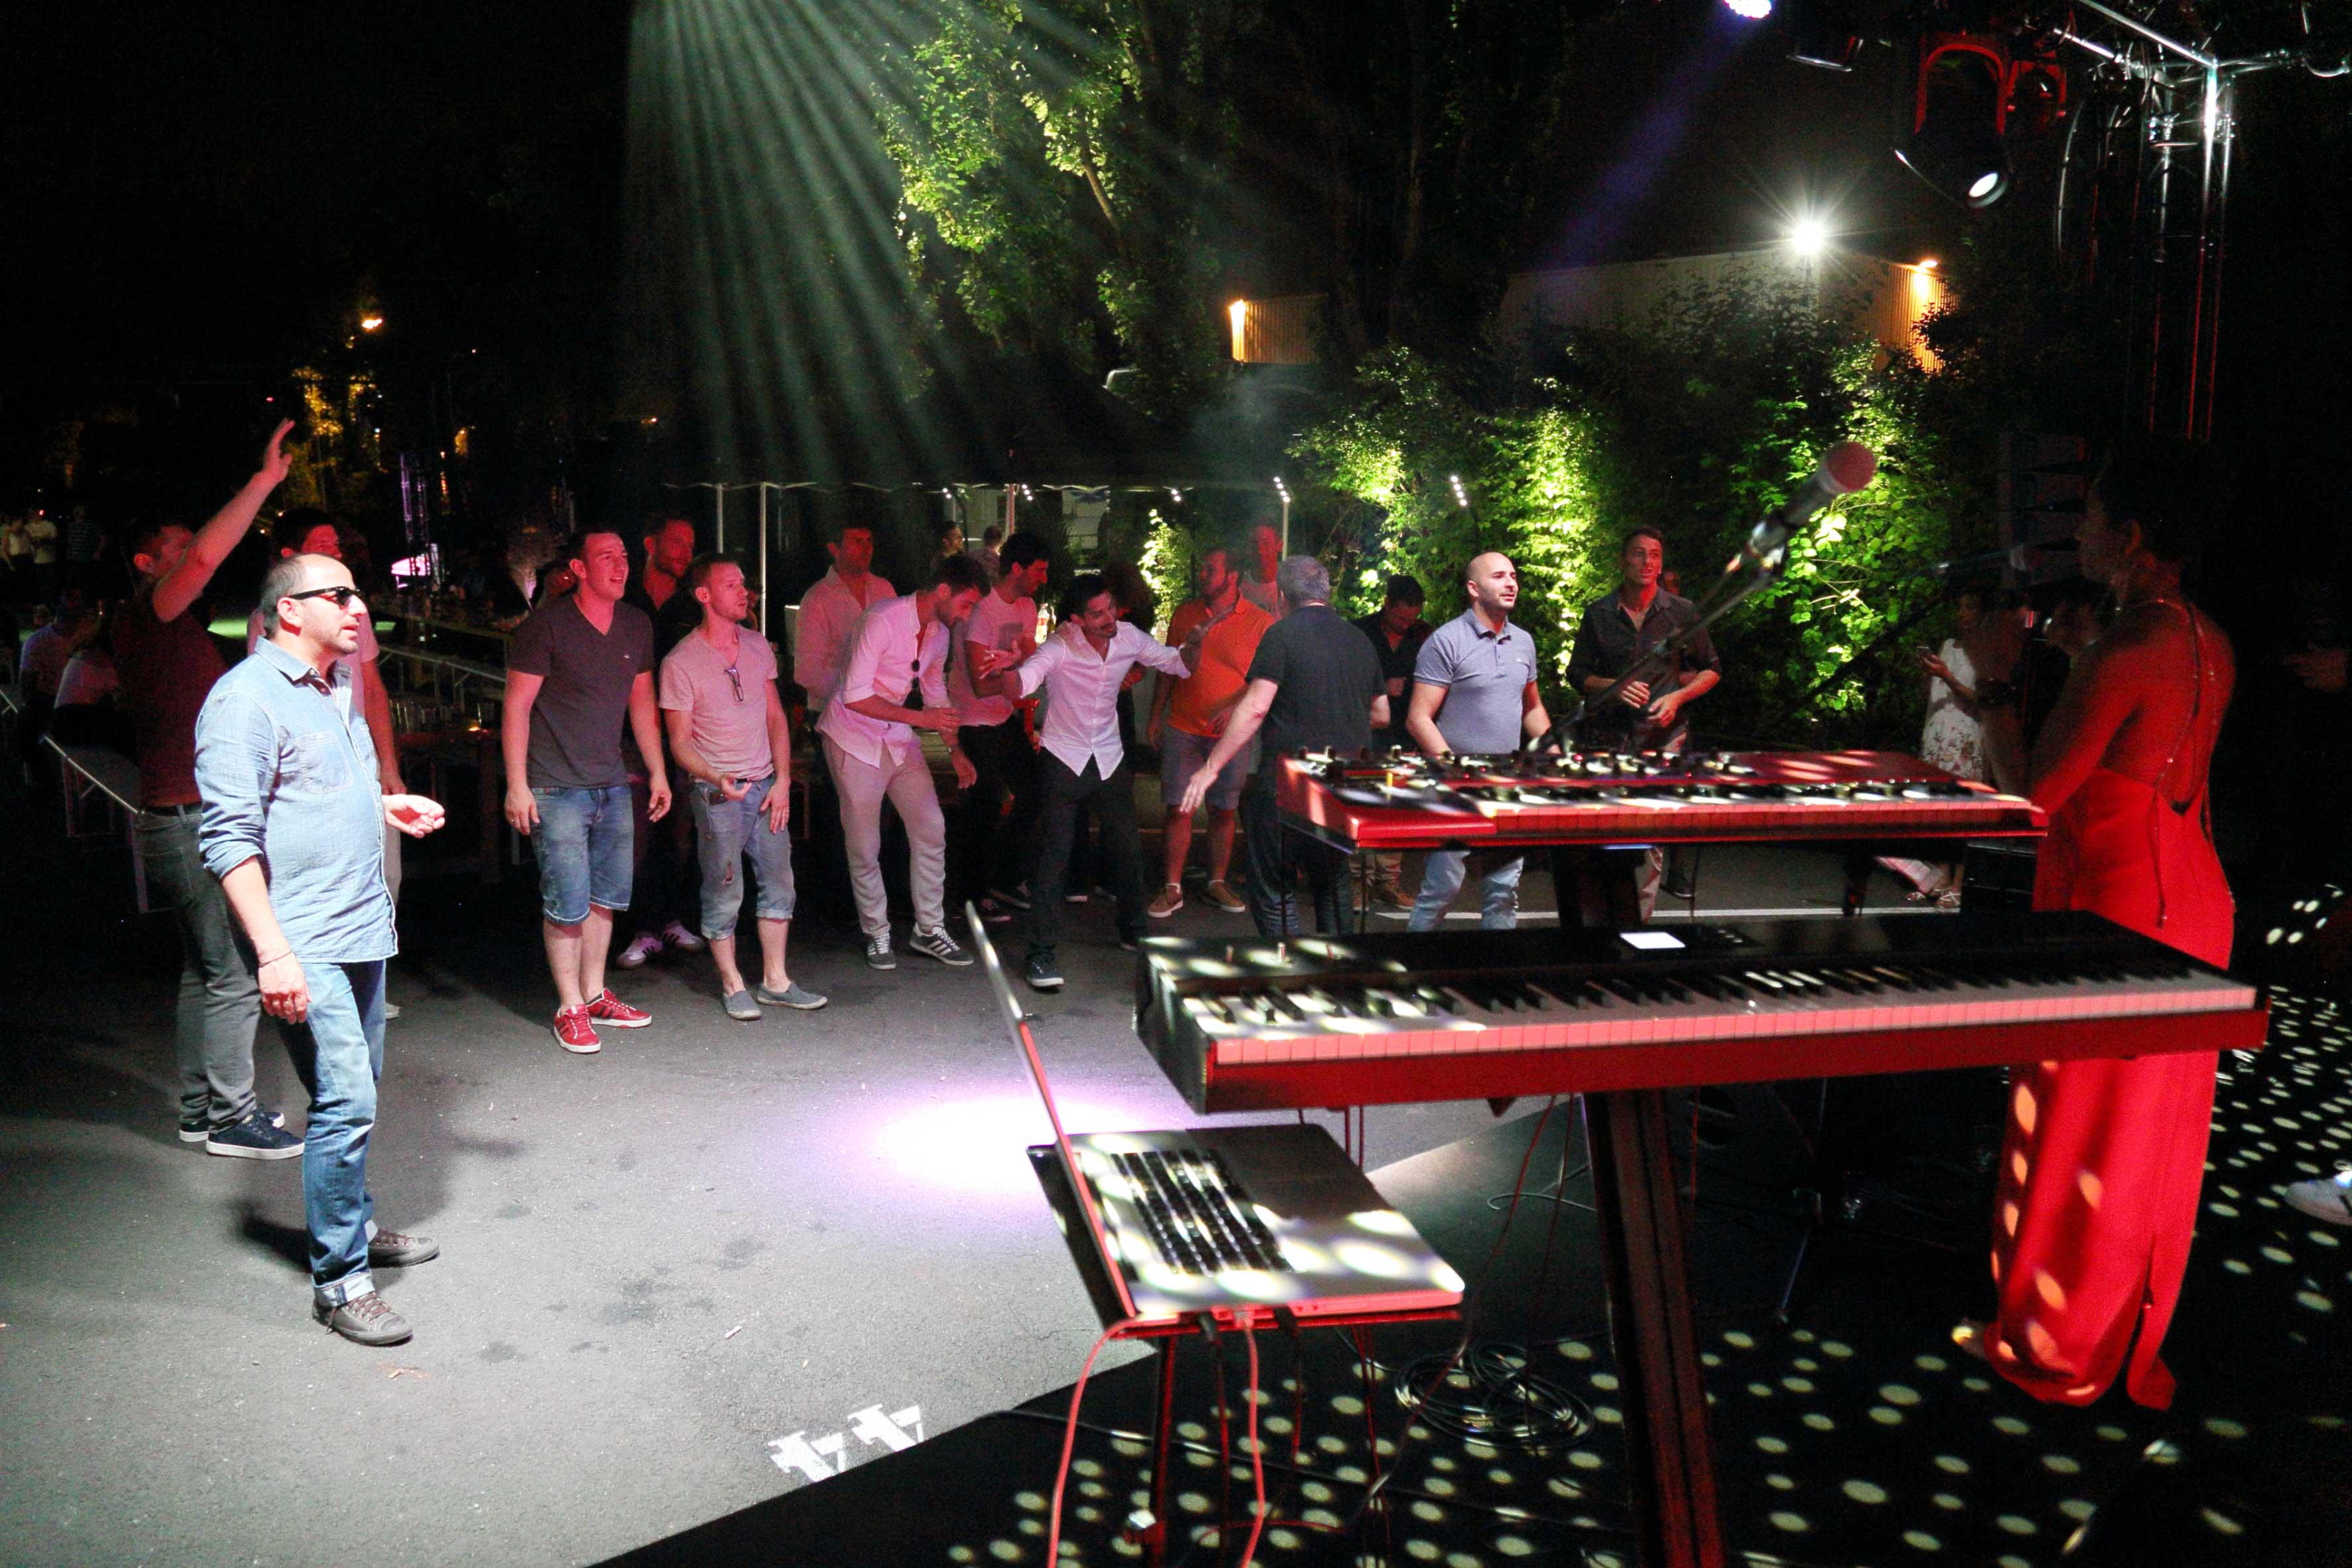 even-aucop-soiree-wissous-paris-music-events-agency-concert-29-juin-team-building-audiovisuel